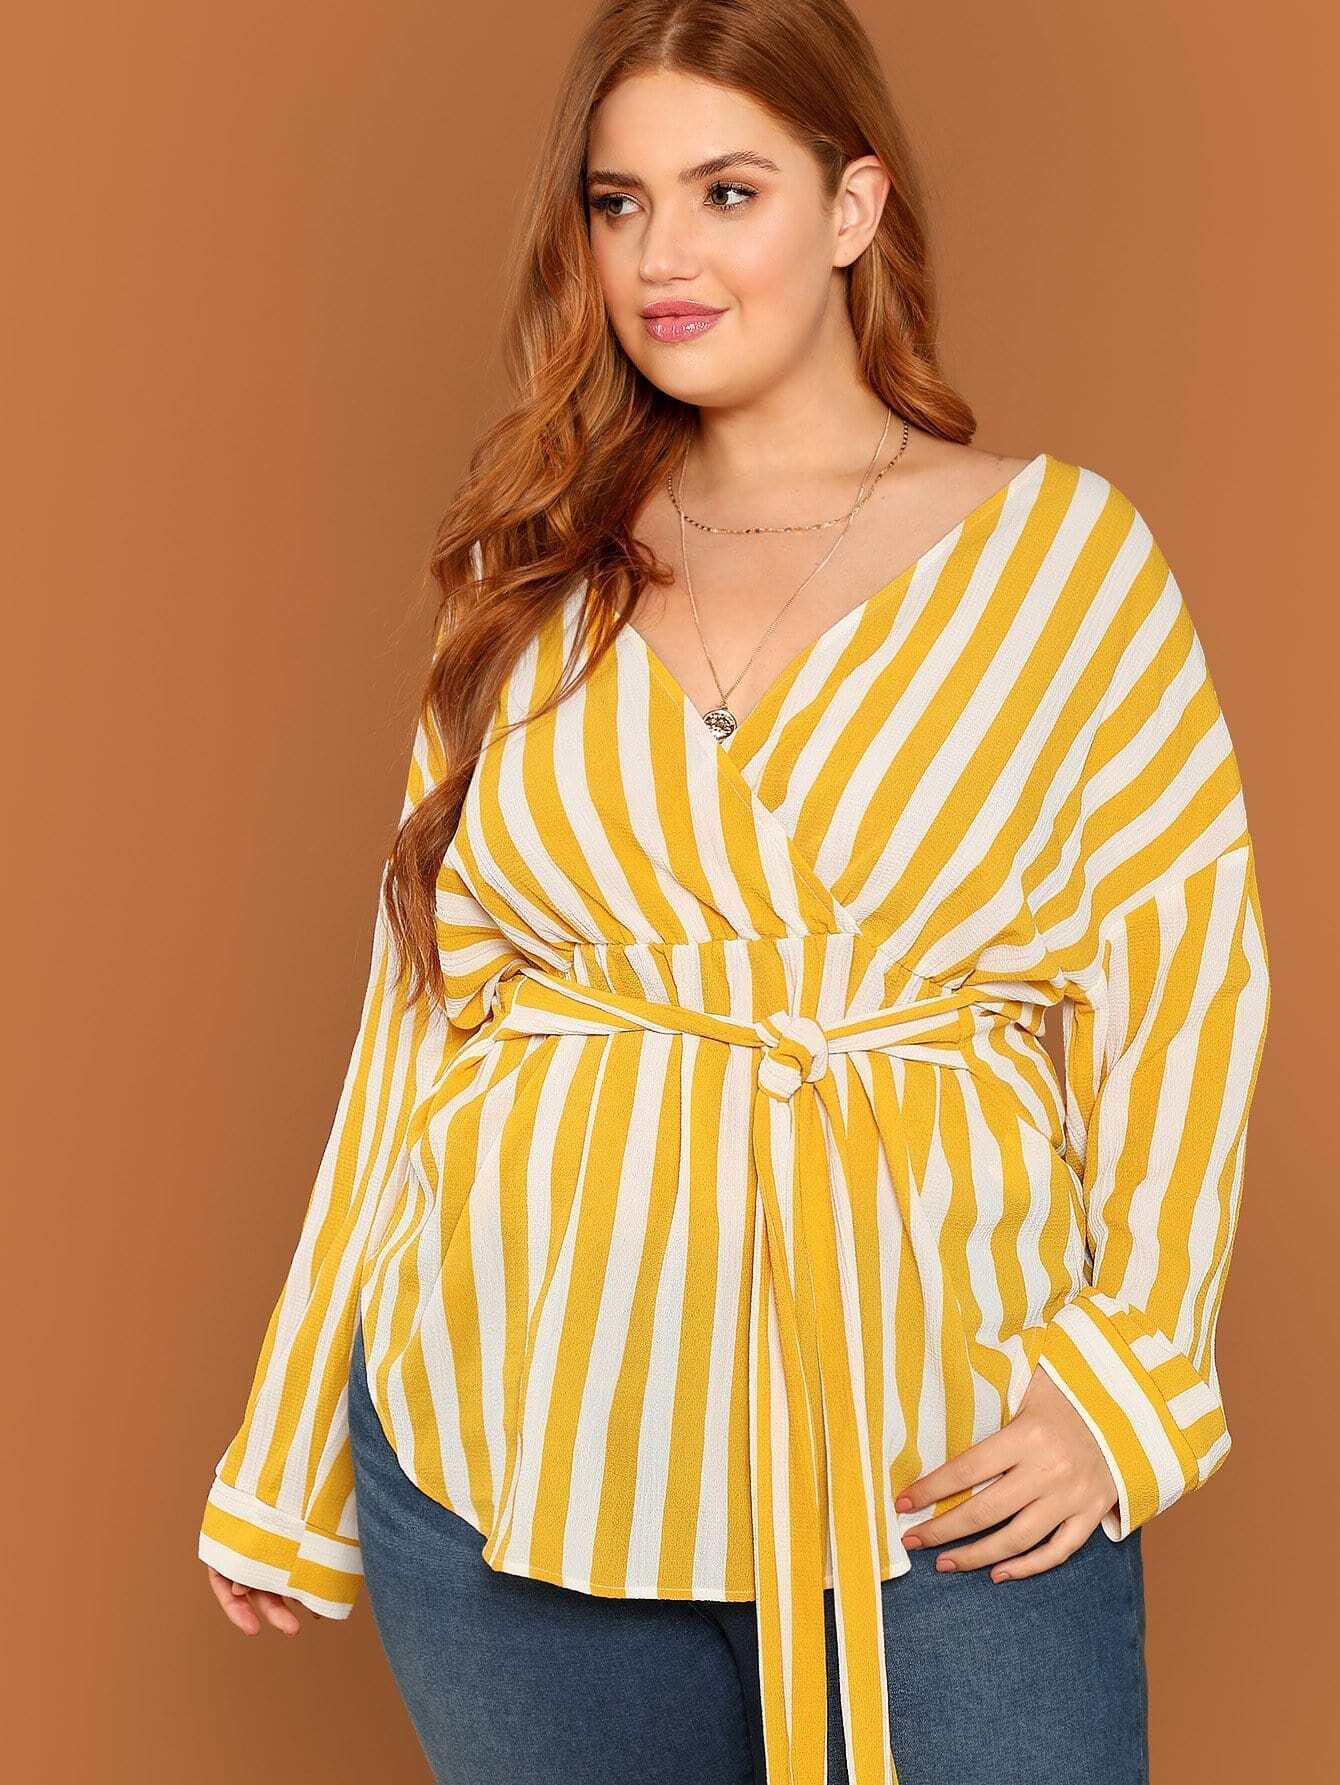 Купить Плюс размеры полосатая блузка с v-образным вырезом, Bree Kish, SheIn